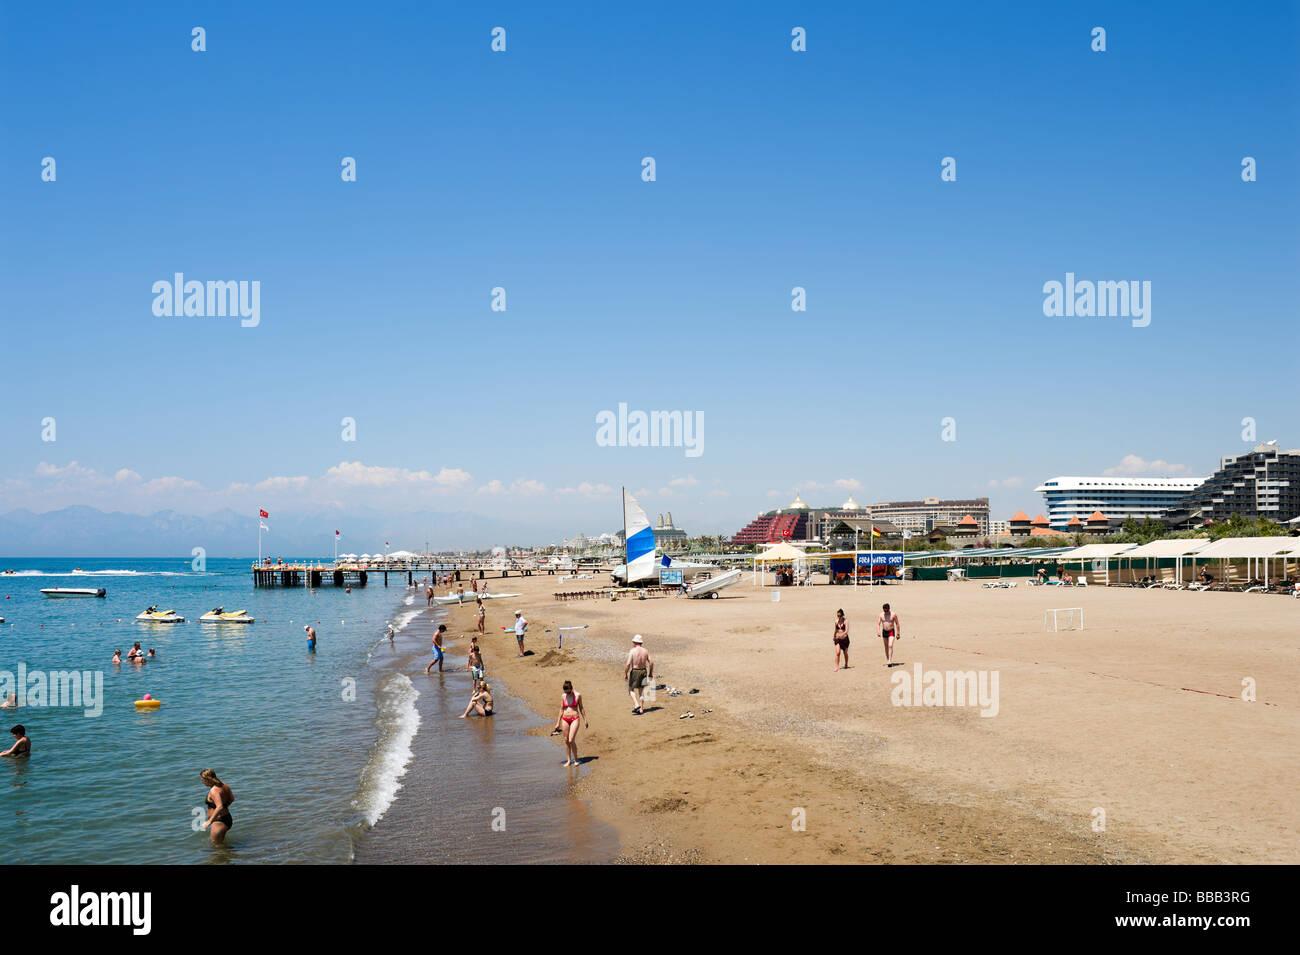 Spiaggia al di fuori delle ali di Royal Hotel, Lara Beach, vicino a Antalya, costa mediterranea, Turchia Immagini Stock